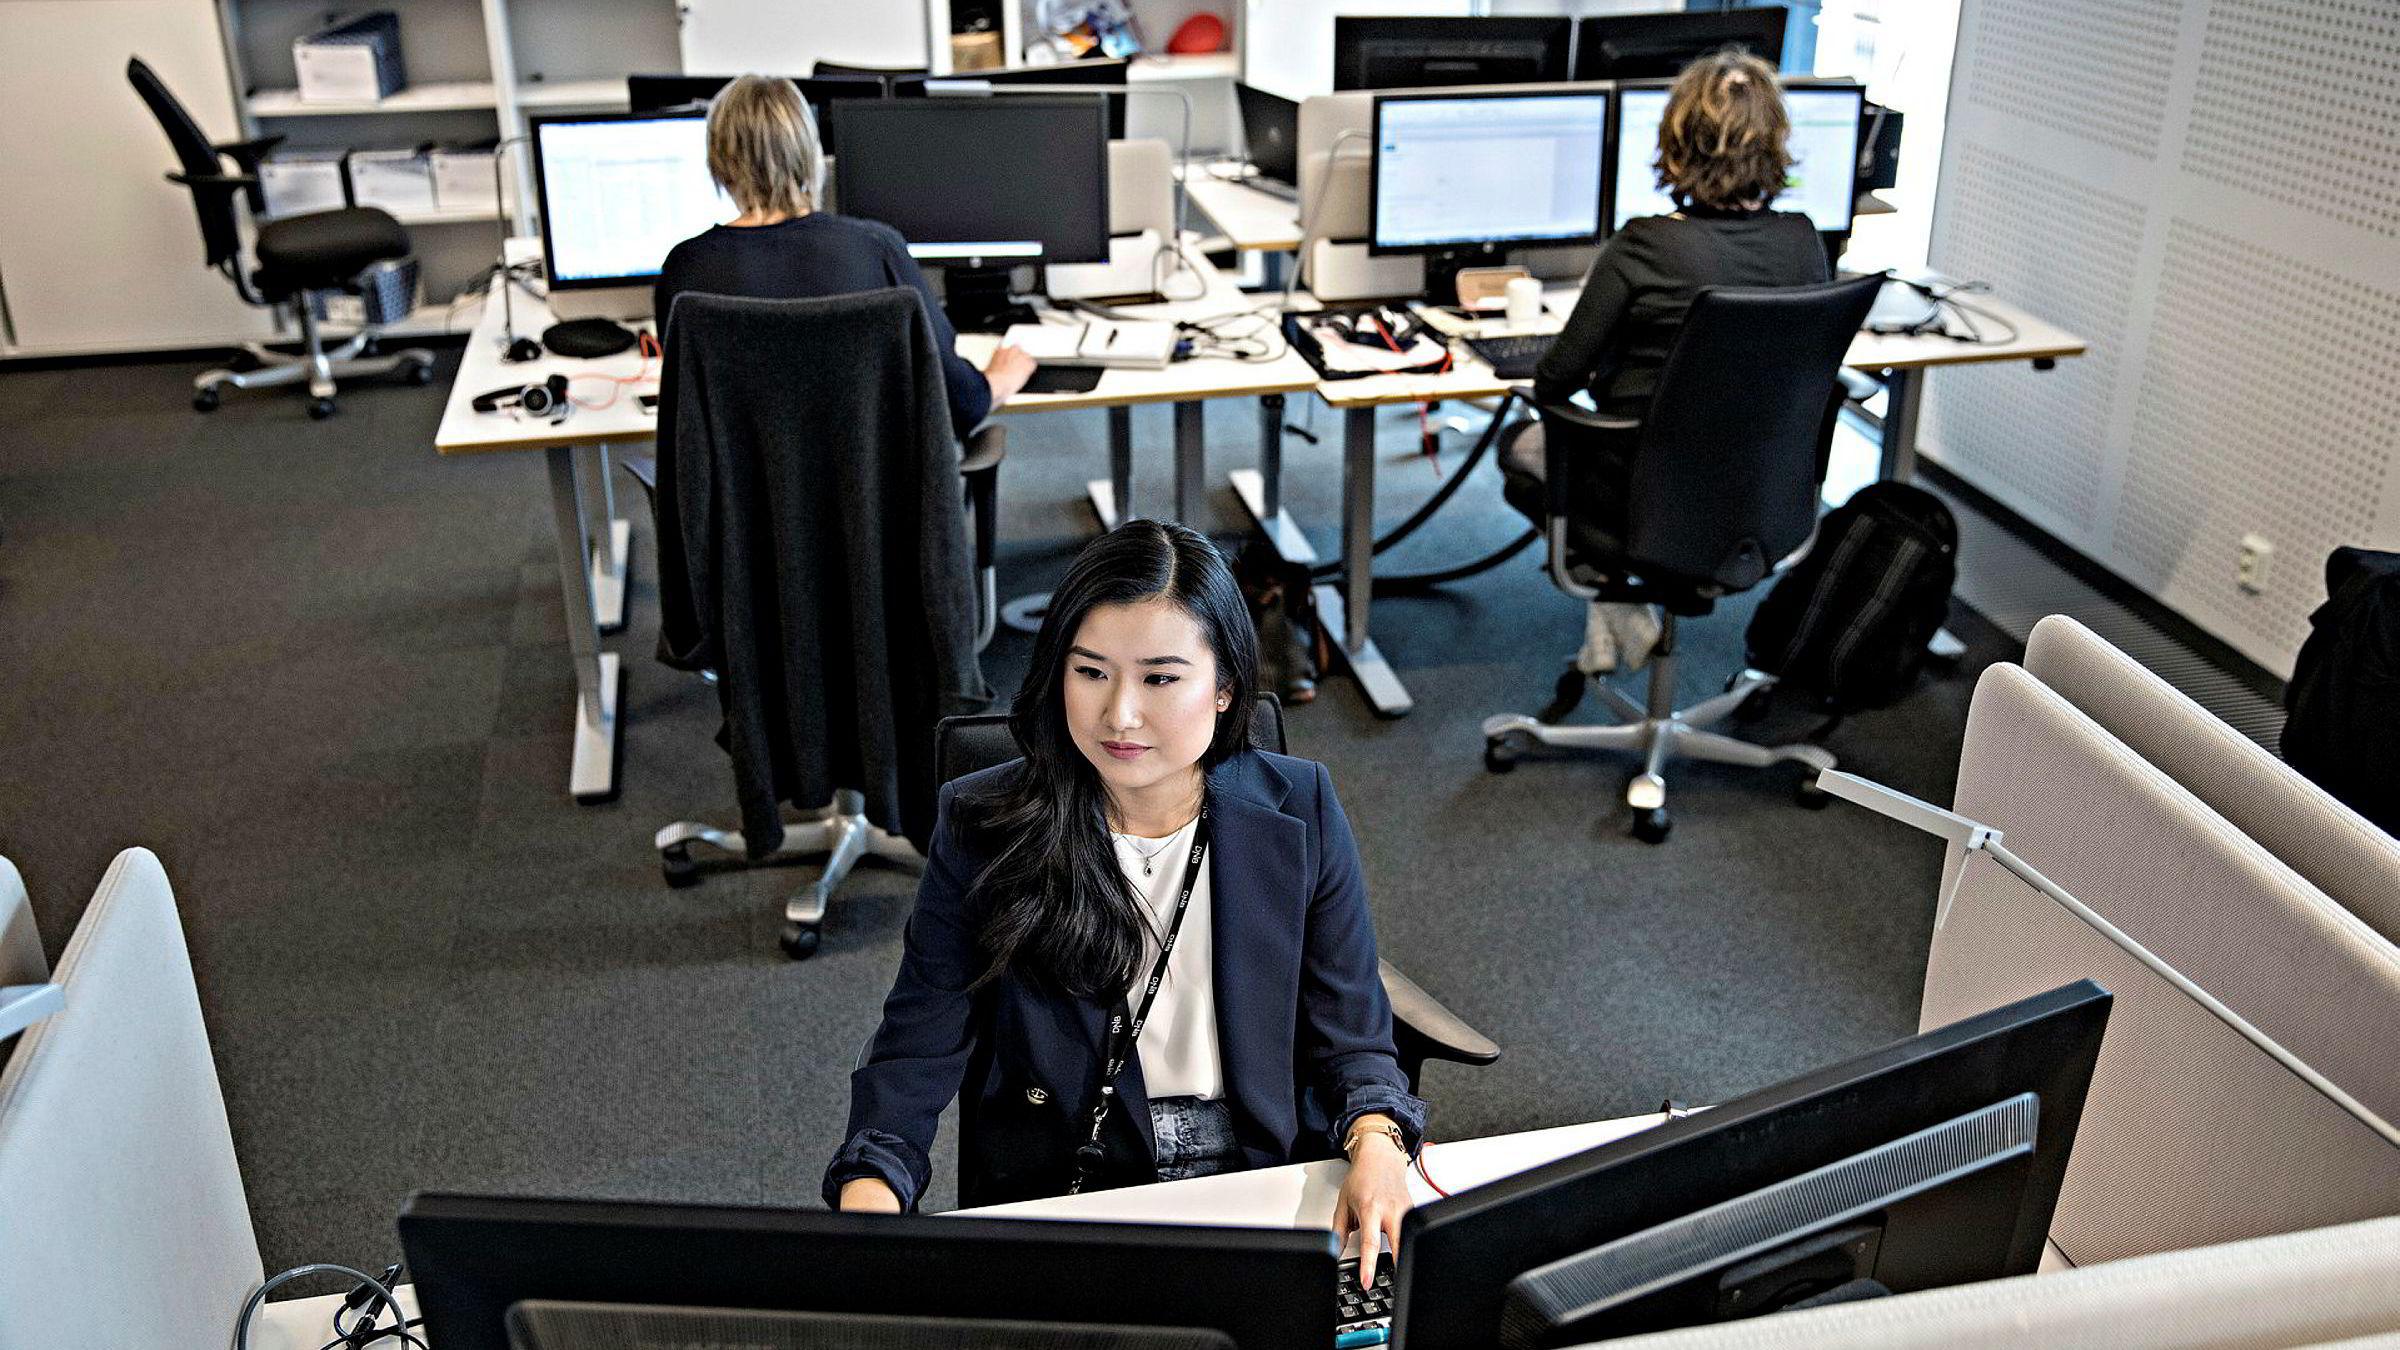 Prosjektmedarbeider Cathy Tran i DNB jobber med å kontrollere kundeinformasjonen til bankens bedriftskunder.